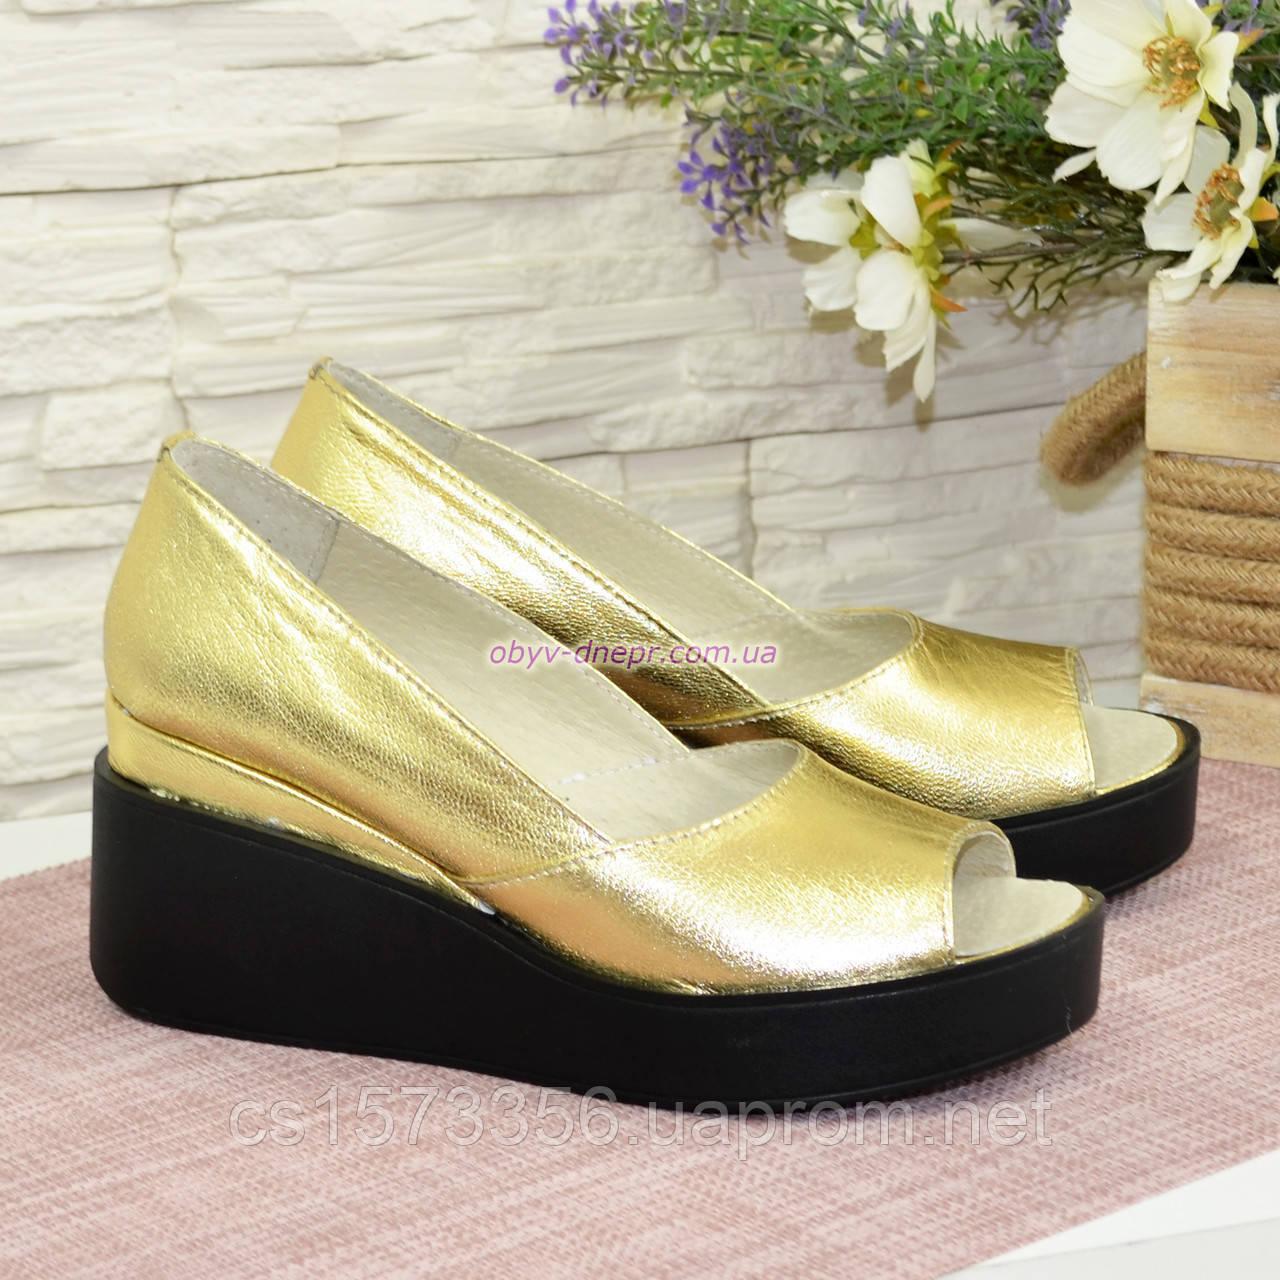 Туфли женские кожаные с открытым носком. Цвет золото. 37 размер